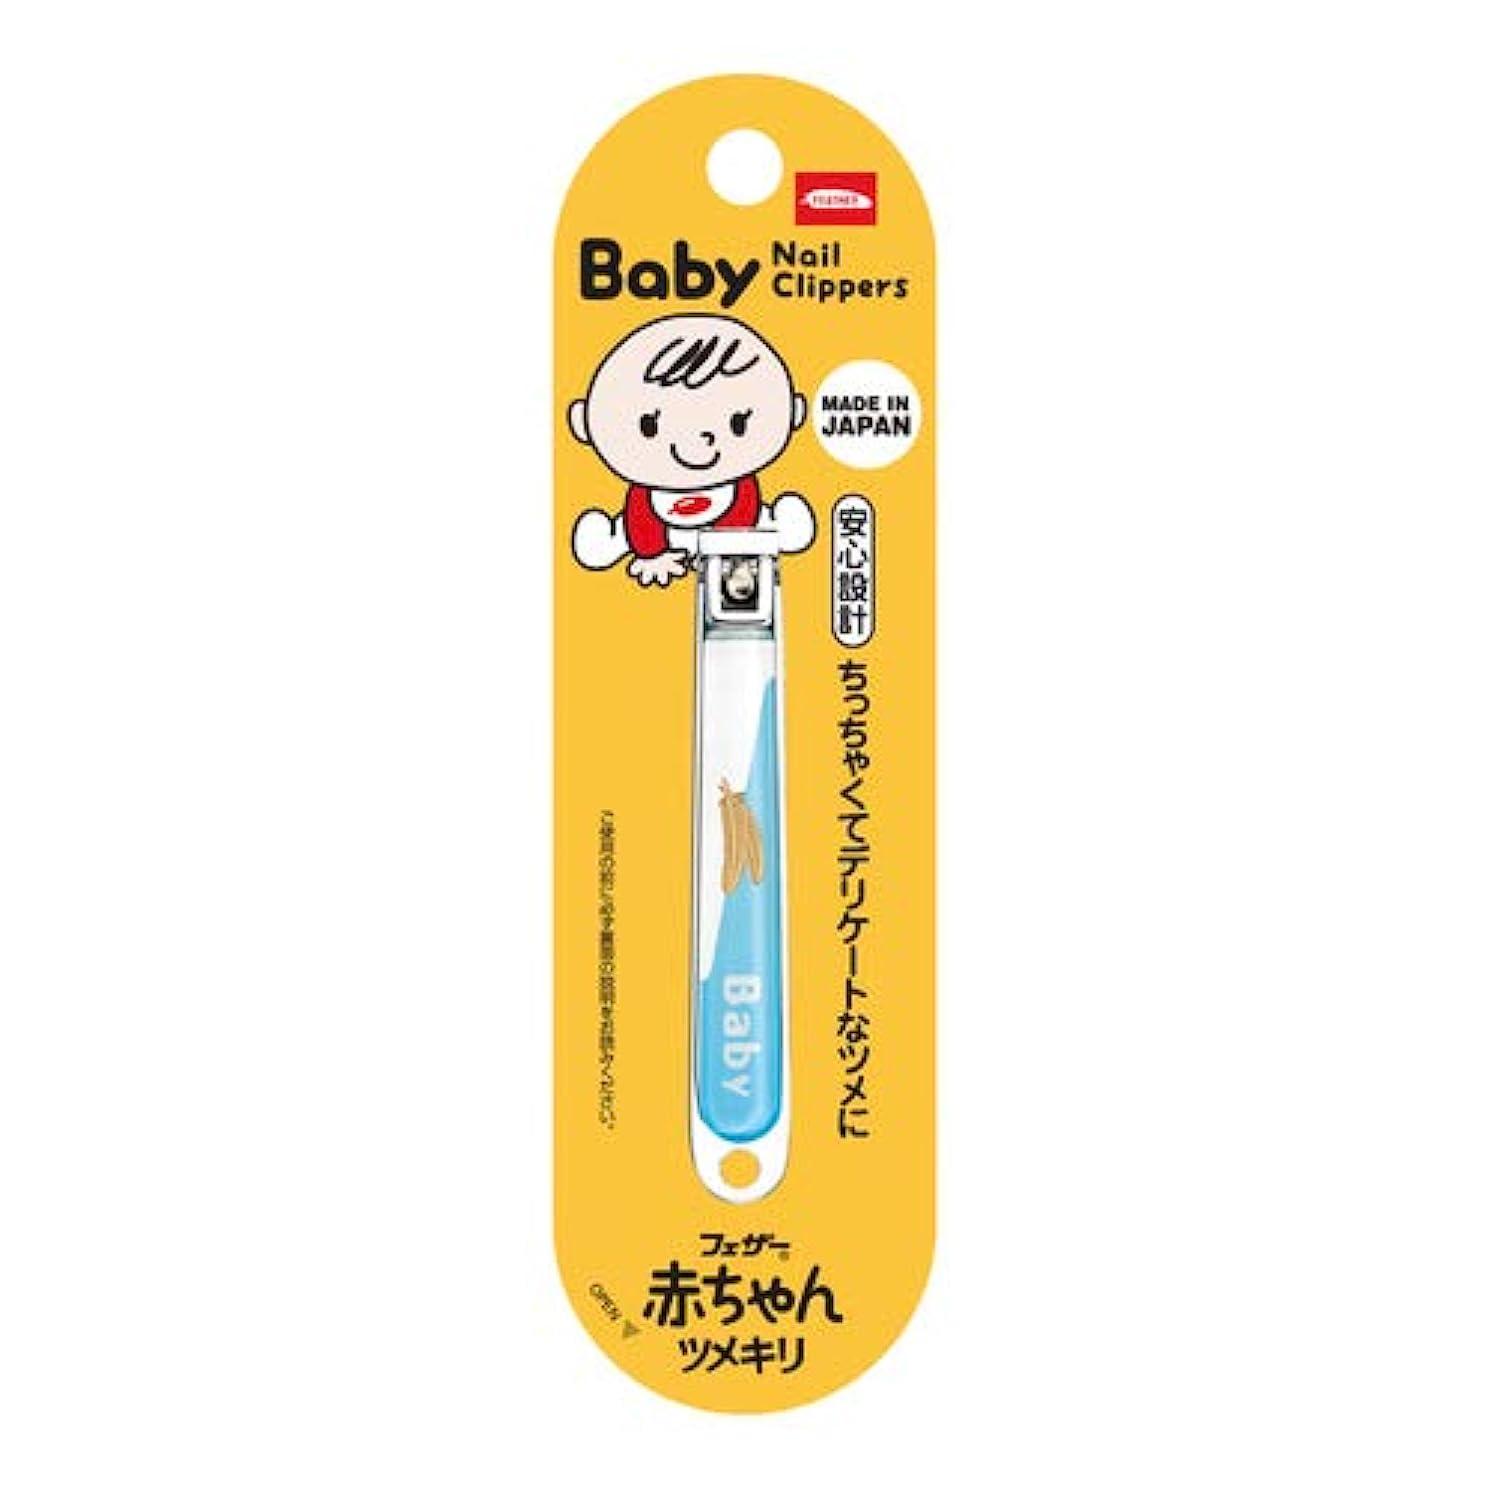 不適切な概念ブースフェザー赤ちゃんツメキリ 1個